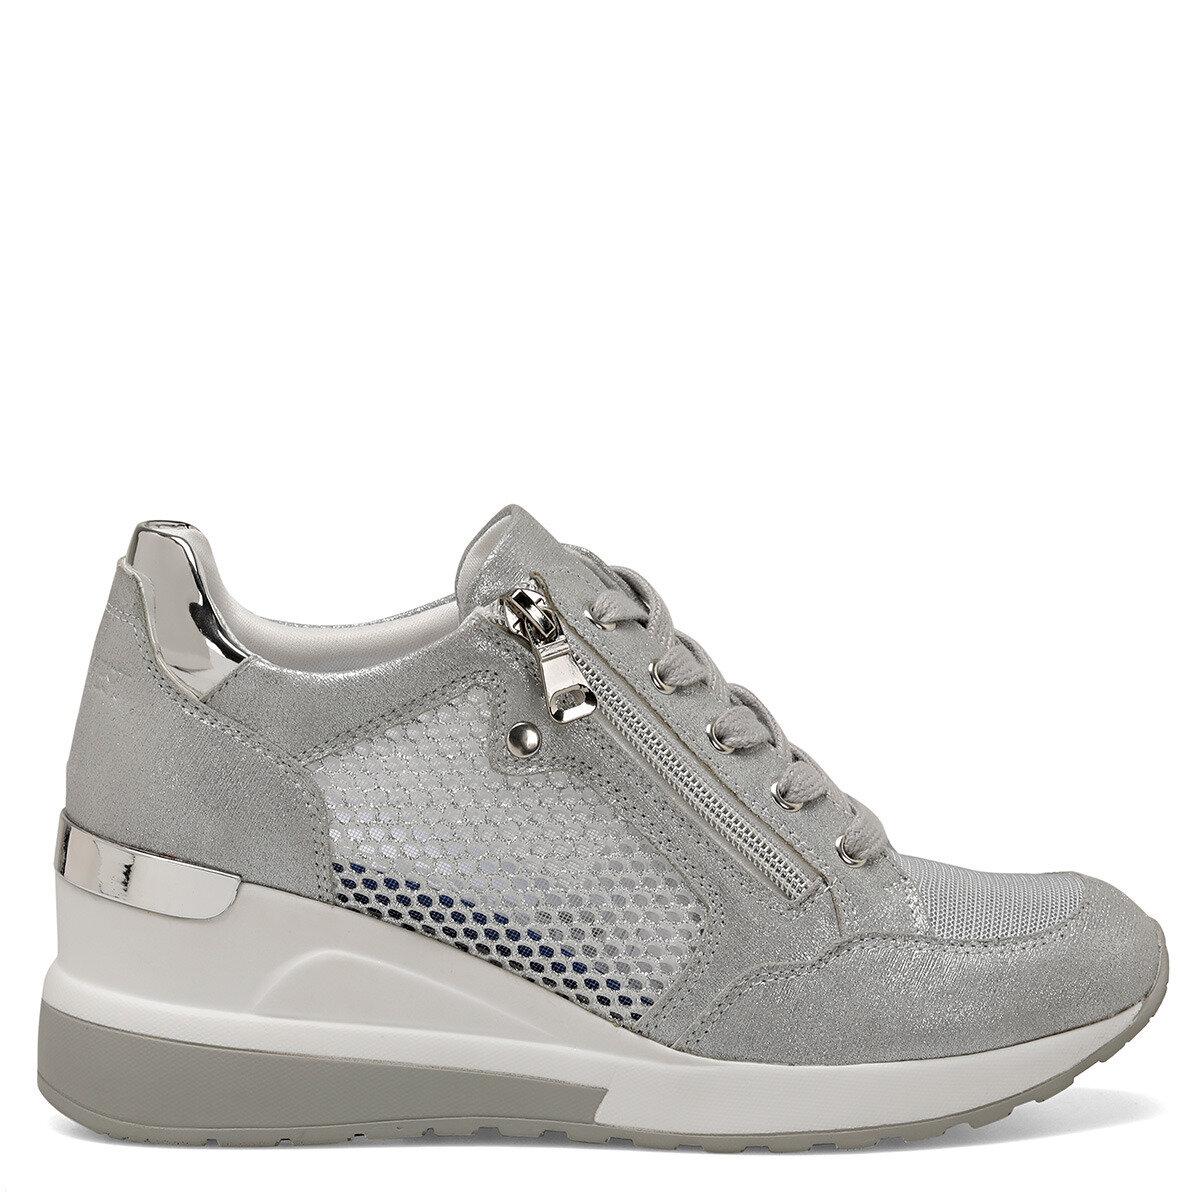 RANA Gümüş Kadın Dolgu Topuk Ayakkabı